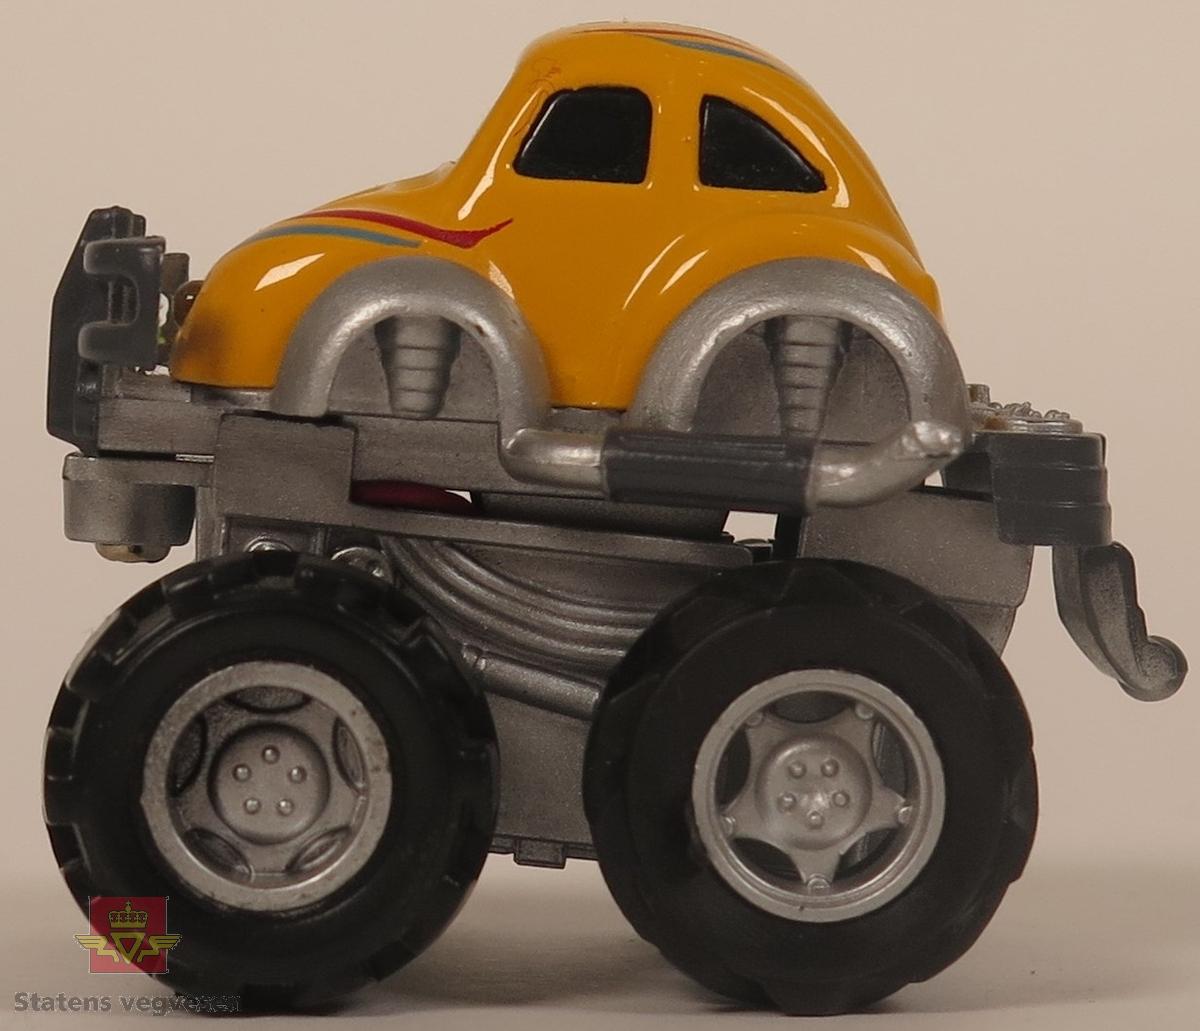 """Samling av """"monstertruck"""" modellbiler. Hovedfargene er blå, grønn, rød, gul, oransje og hvit. Alle bilene er laget av plast."""